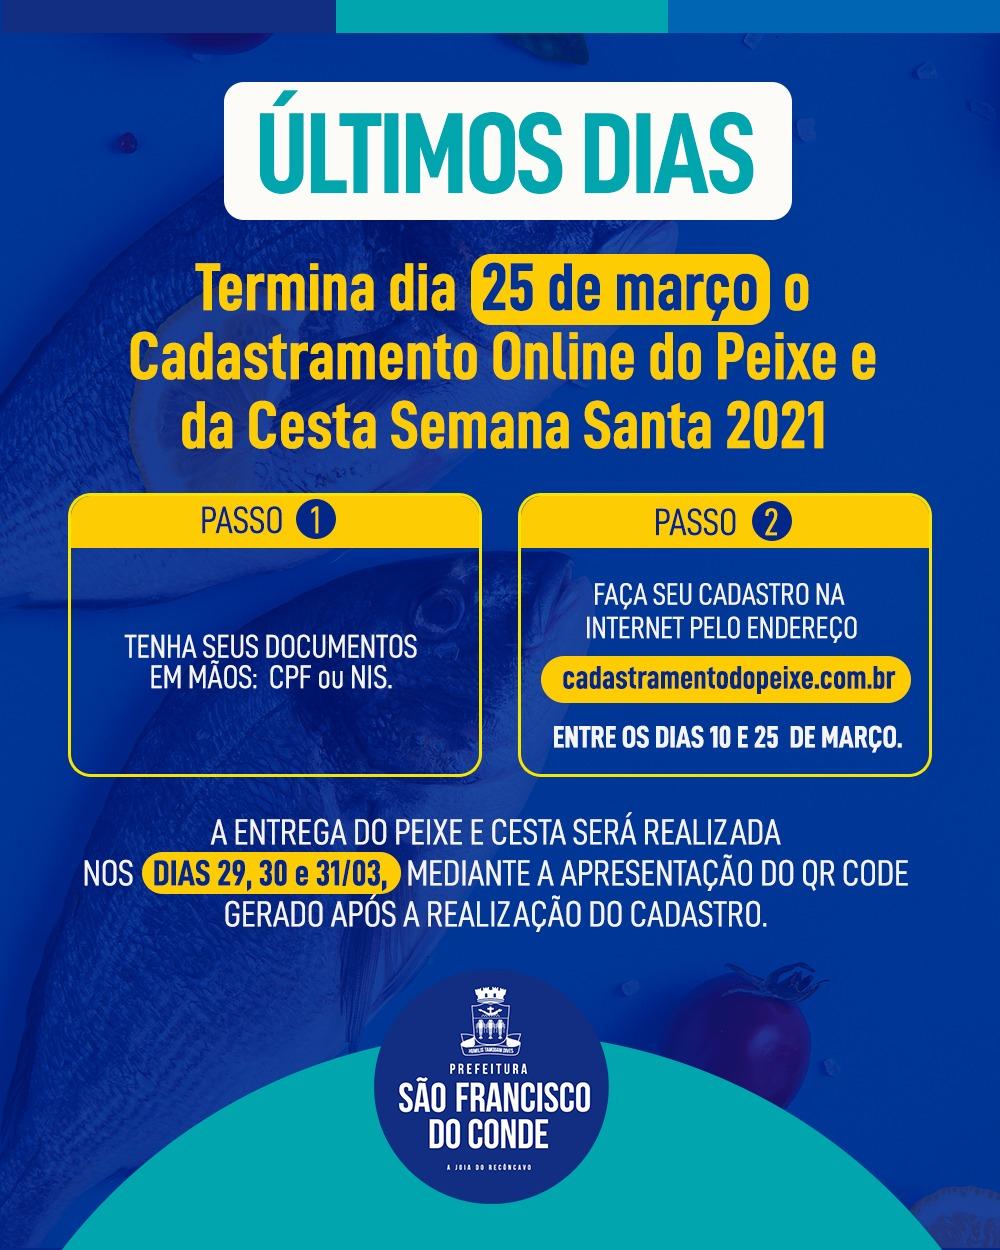 Termina dia 25 de março o Cadastramento Online do Peixe e da Cesta Semana Santa 2021